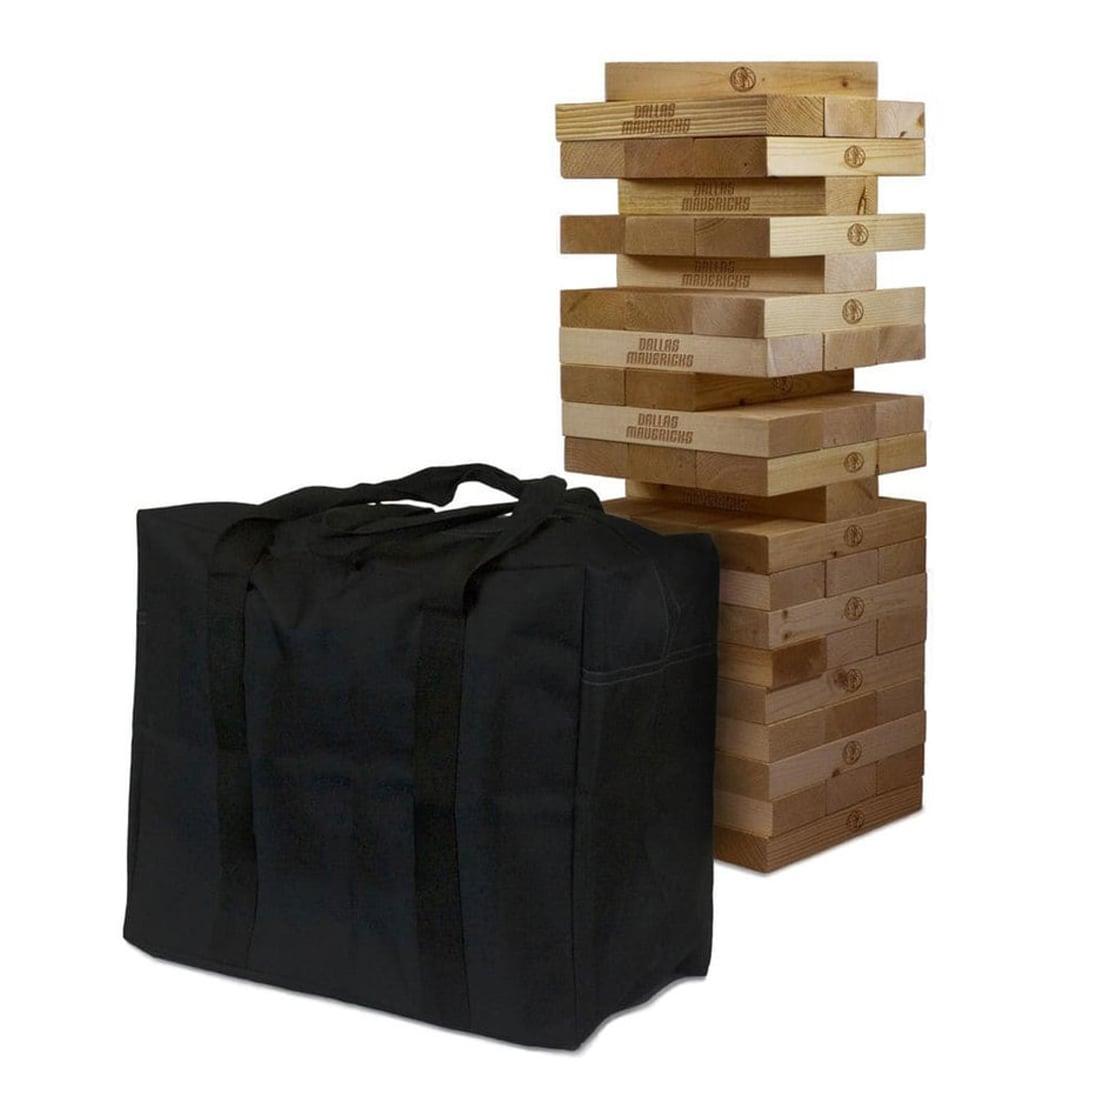 Dallas Mavericks Giant Wooden Tumble Tower Game